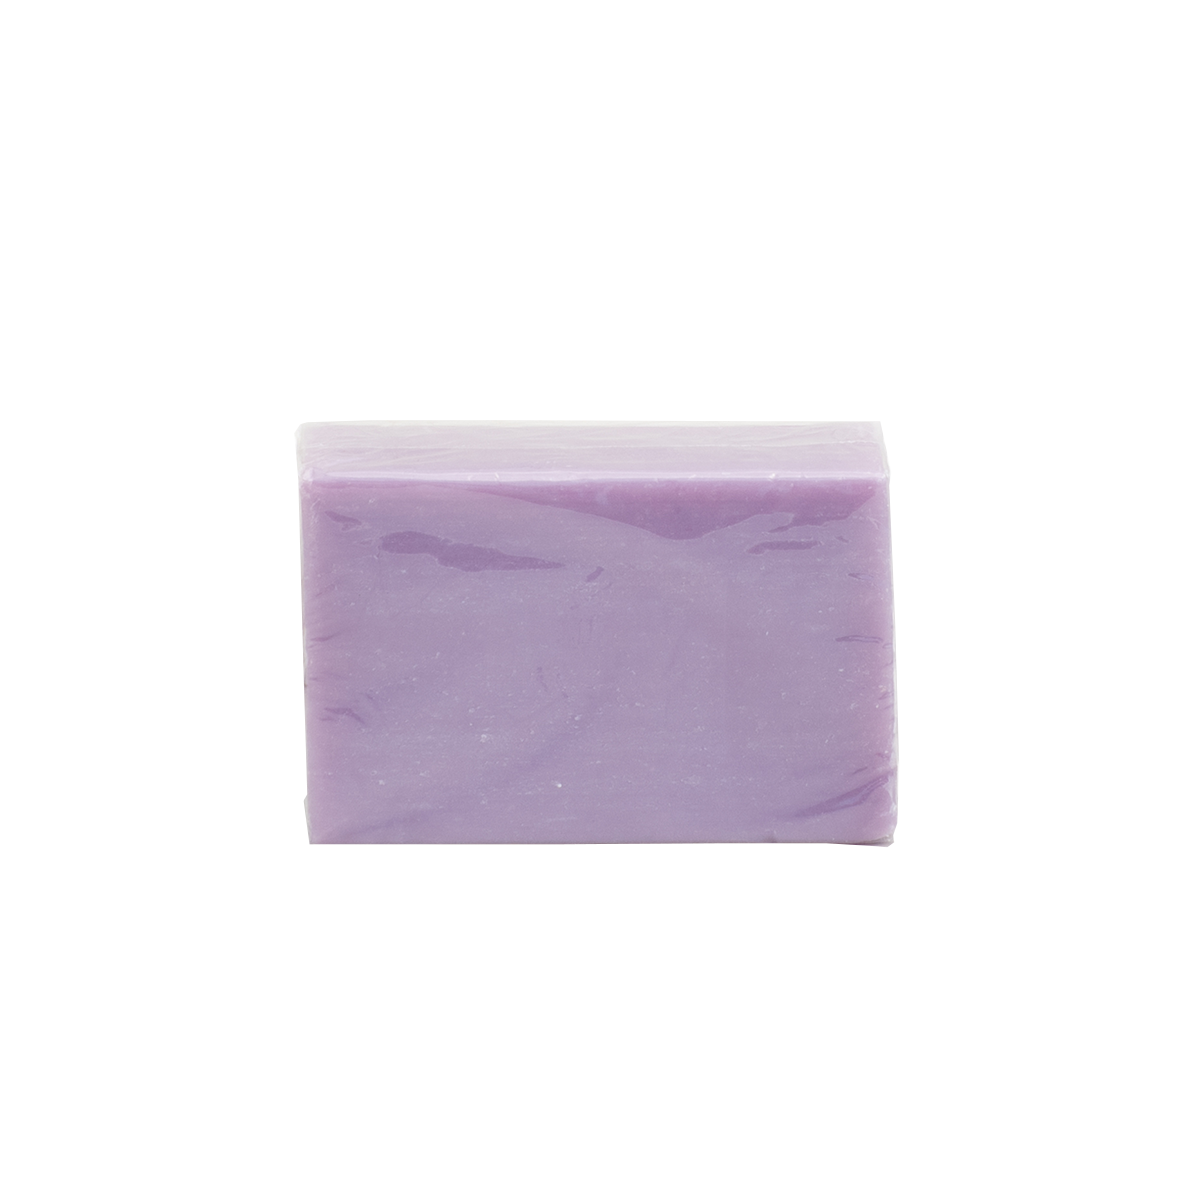 Χειροποίητο Σαπούνι Ελιάς | Άρωμα Φασκόμηλου 100g | BiCare